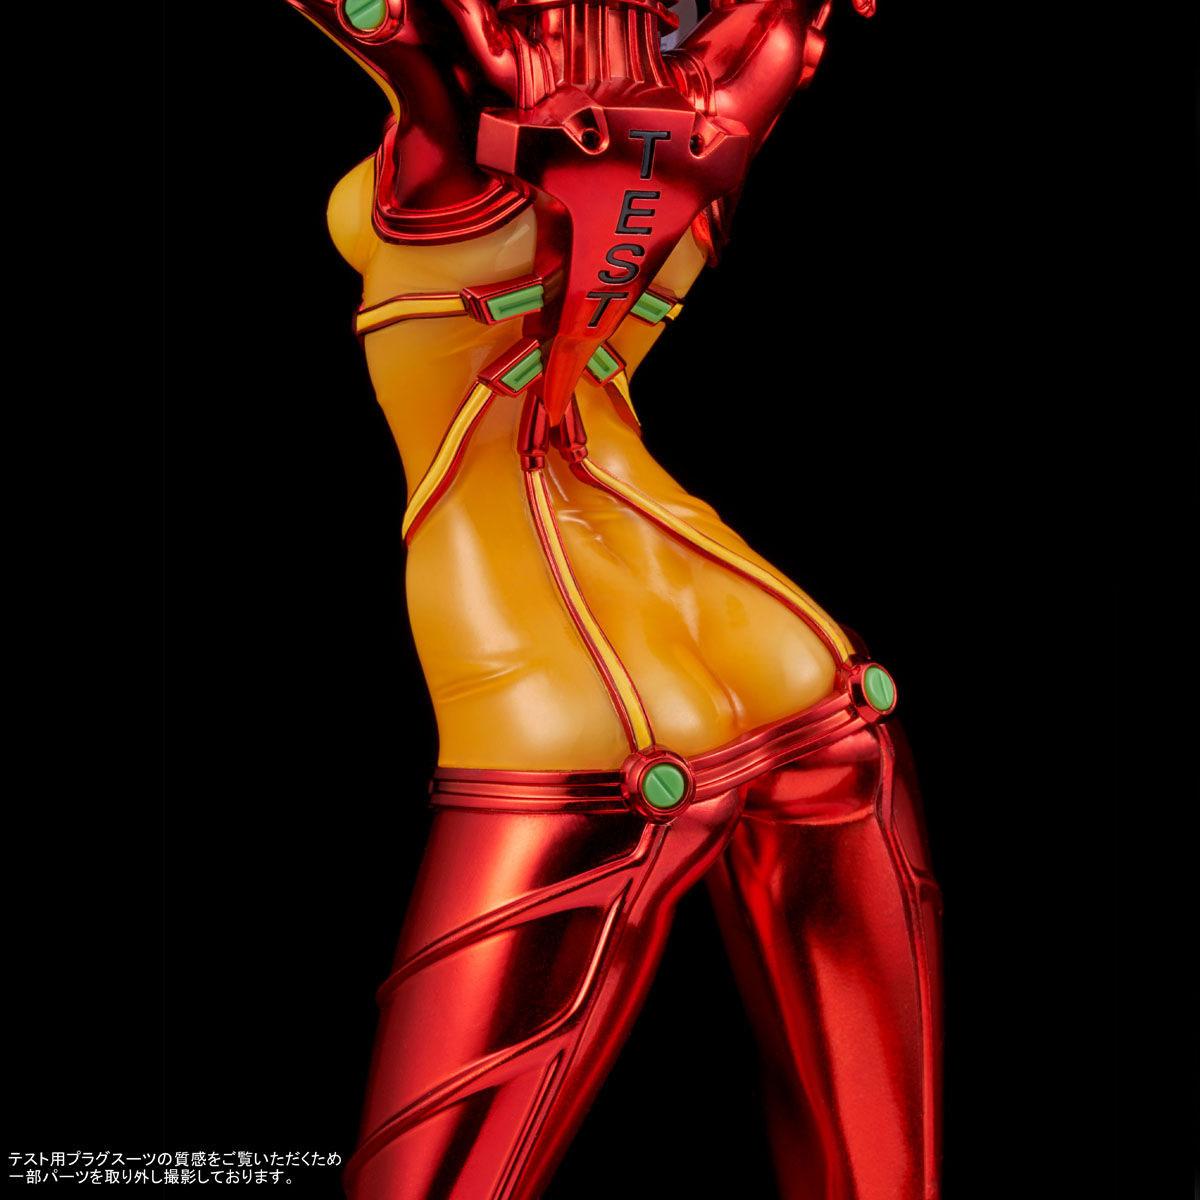 【限定販売】Figure-riseLABO『式波・アスカ・ラングレー[スペシャルコーティング]』ヱヴァンゲリヲン新劇場版:破 プラモデル-006